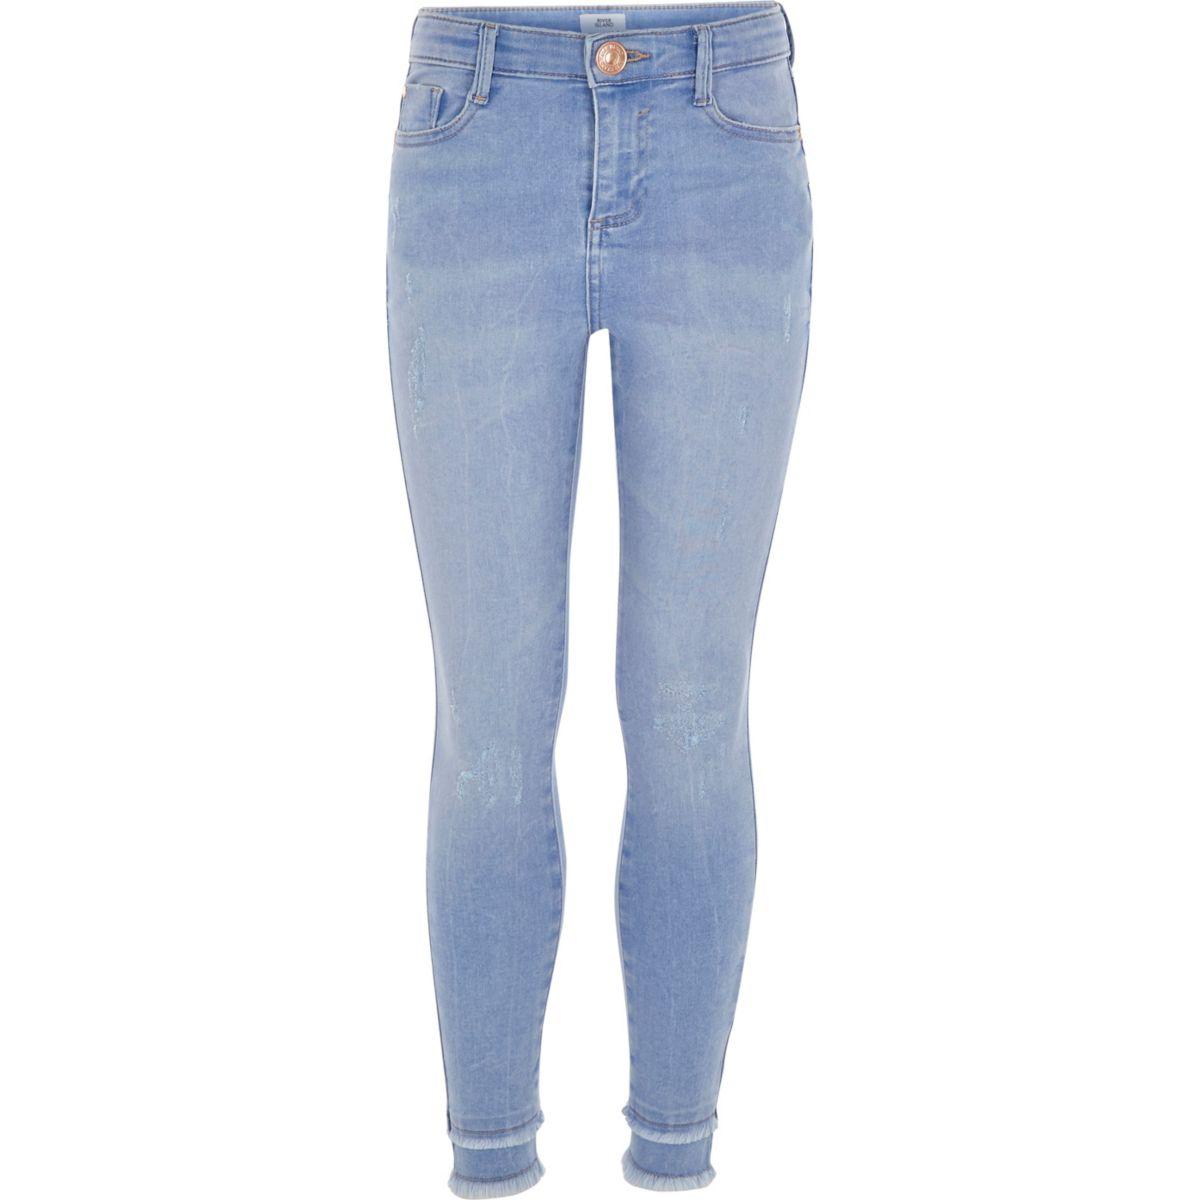 Girls blue Amelie frayed super skinny jeans